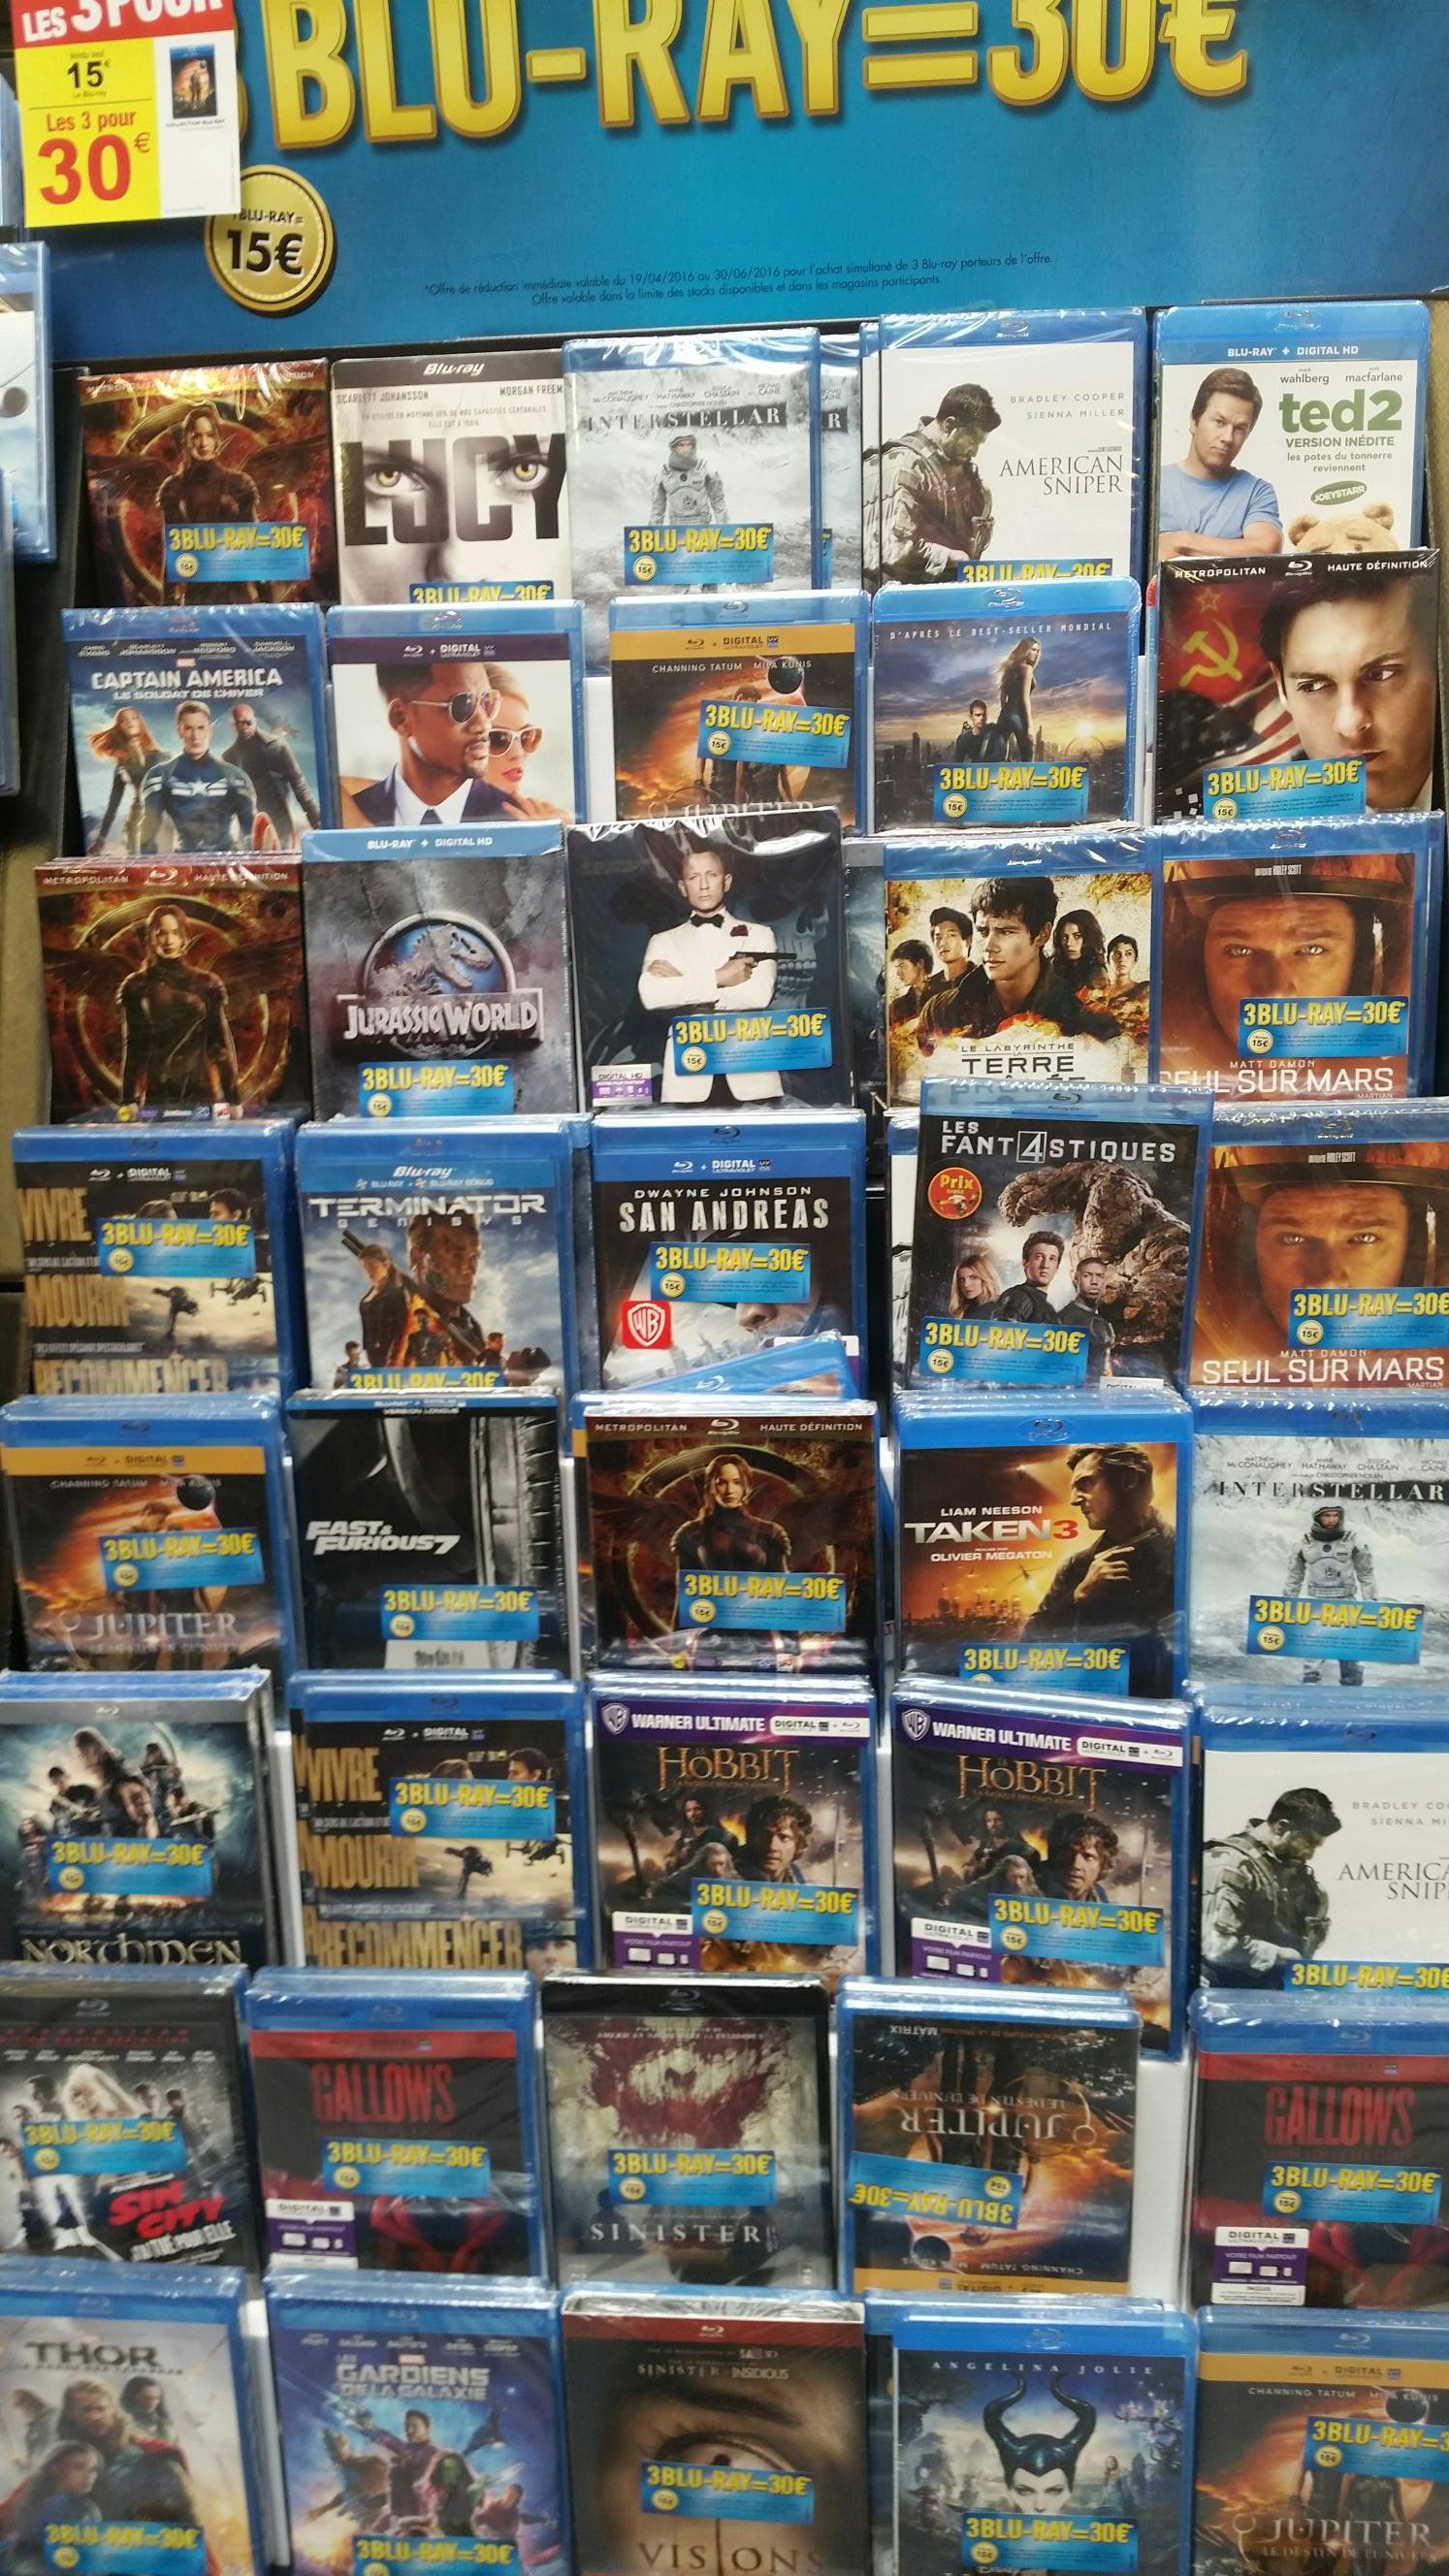 3 Blu-ray parmi une sélection pour 30€ - Ex : Jurassic World + Seul sur Mars + Fast and Furious 7